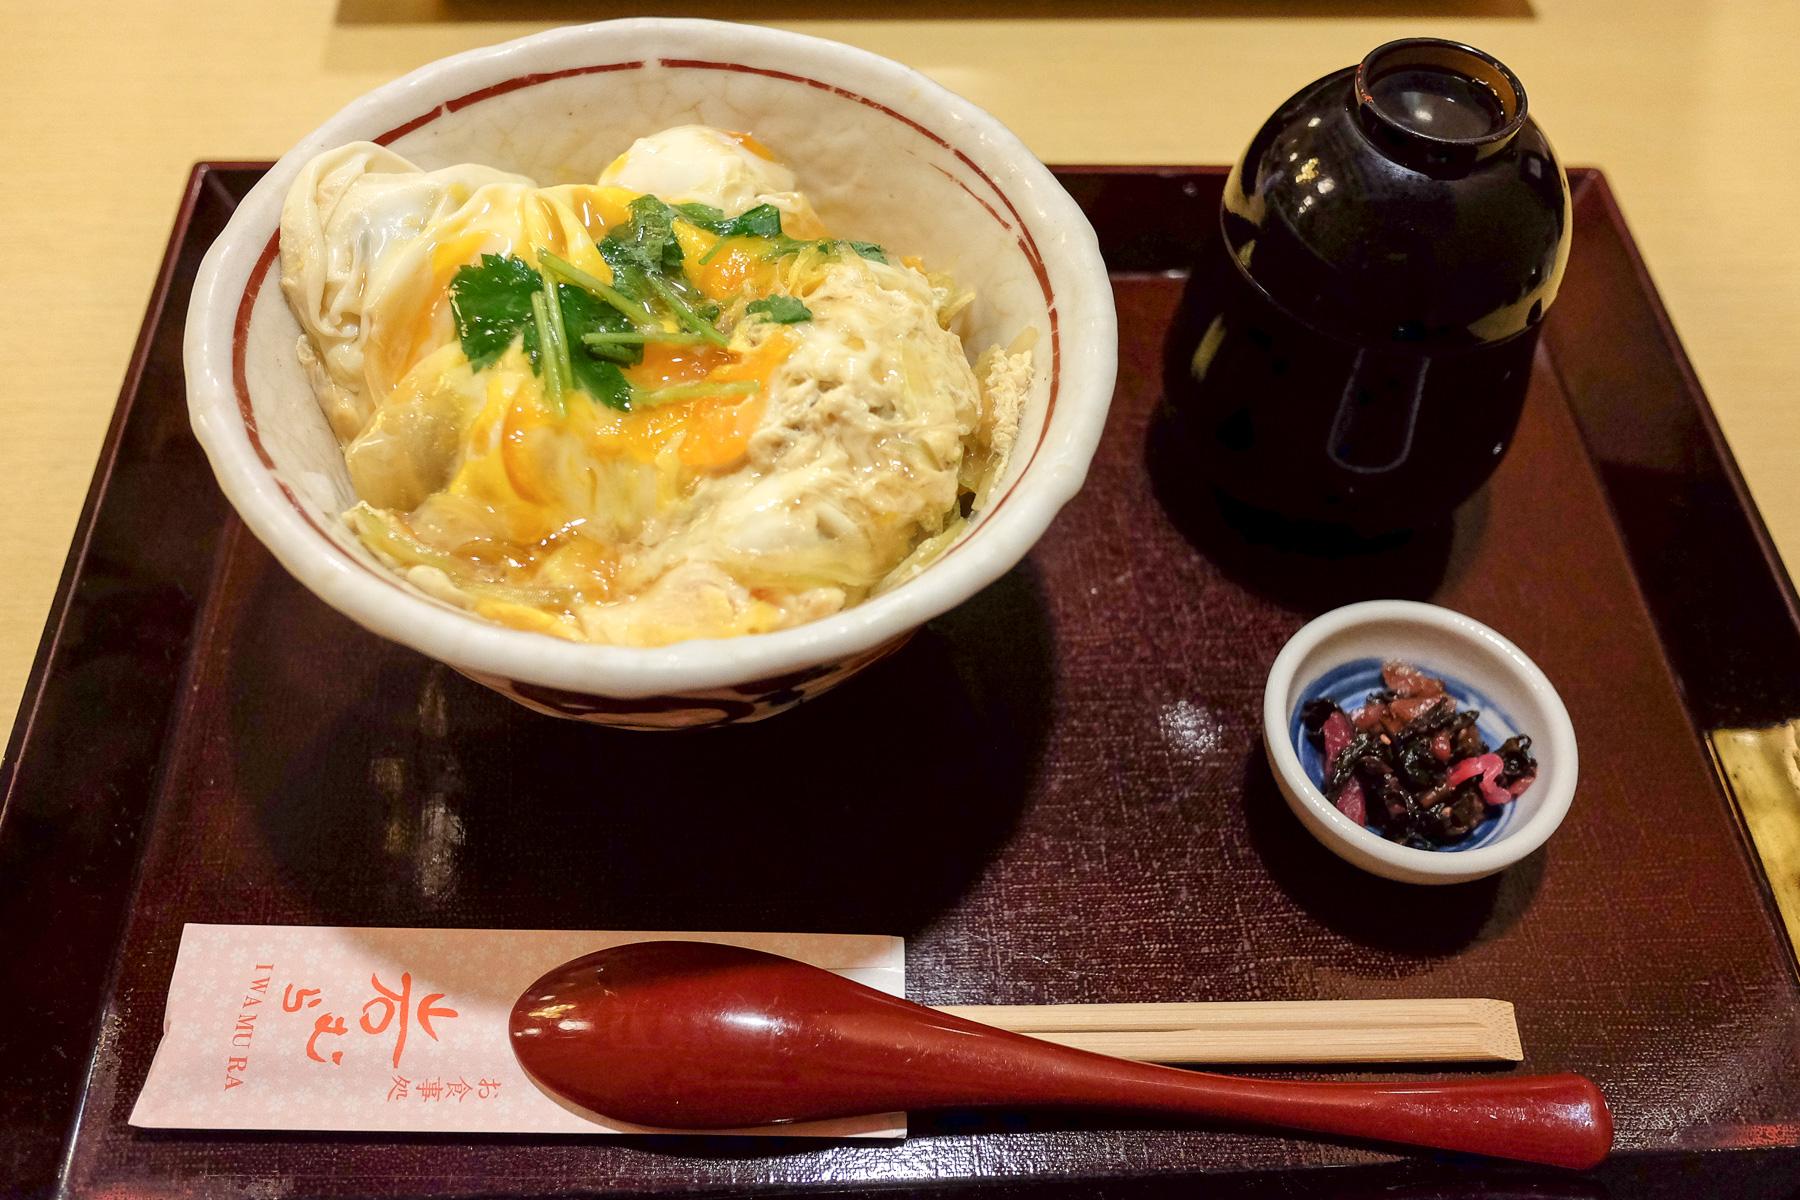 Reis mit frittierten Austern und Ei.